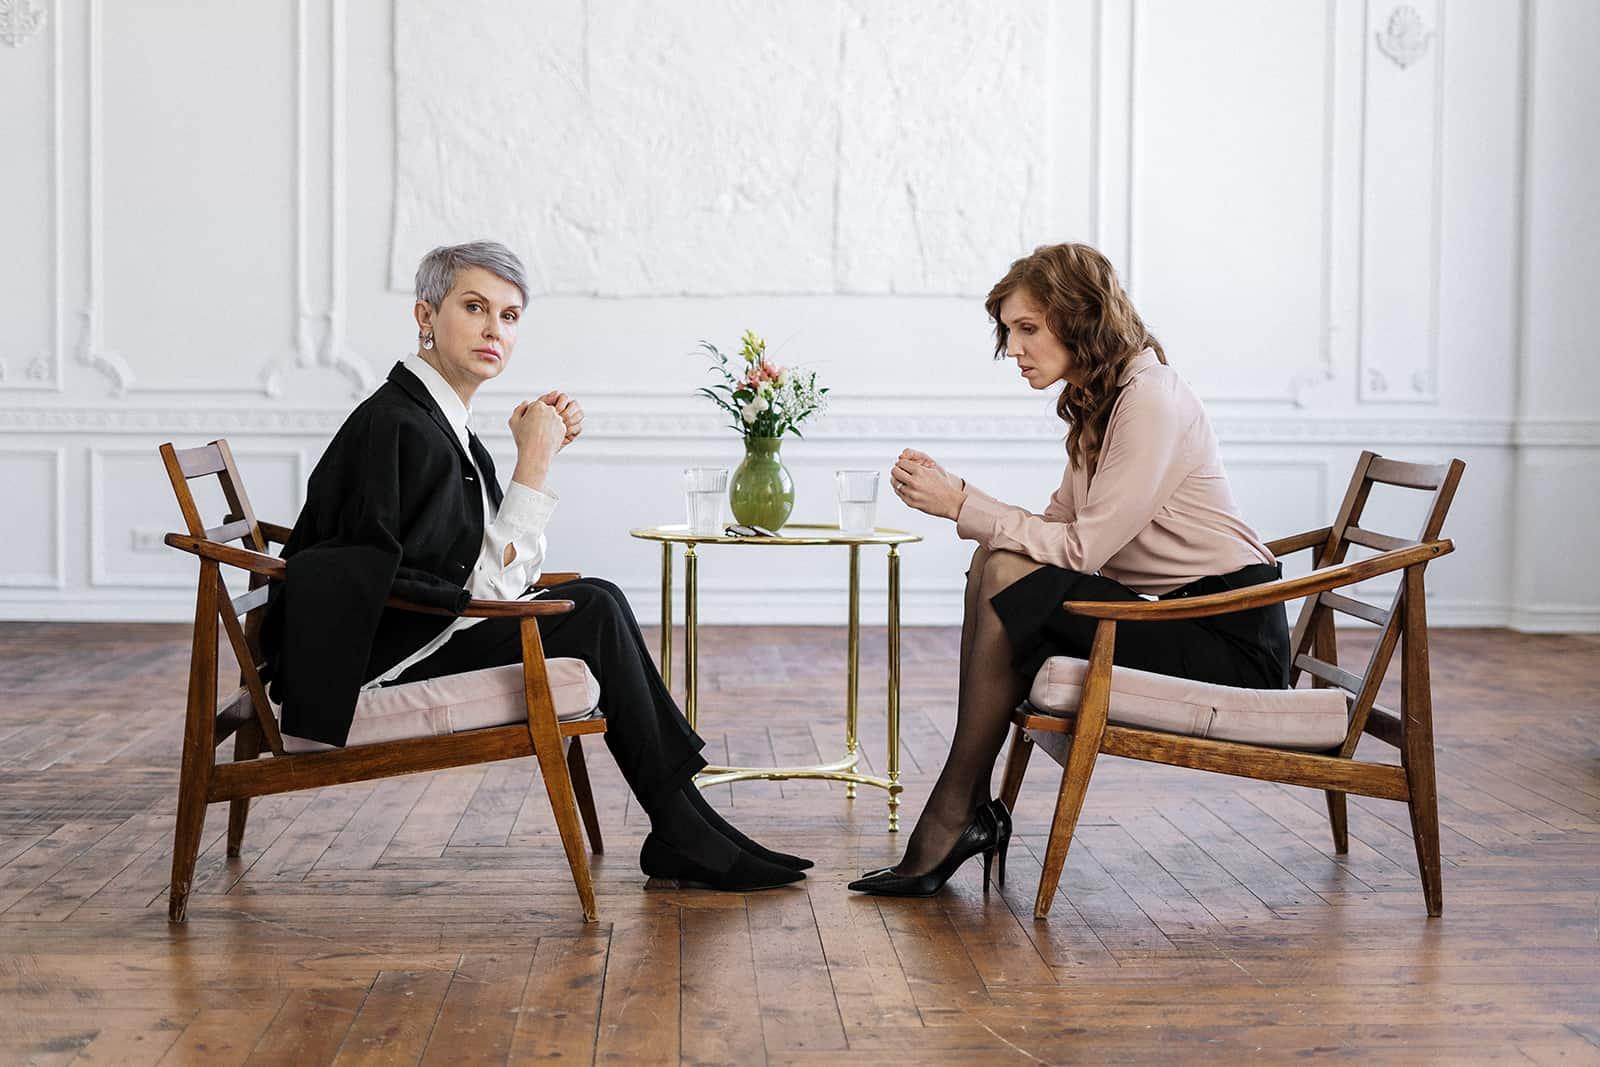 eine Frau, die mit einem Therapeuten während eines Gesprächs sitzt